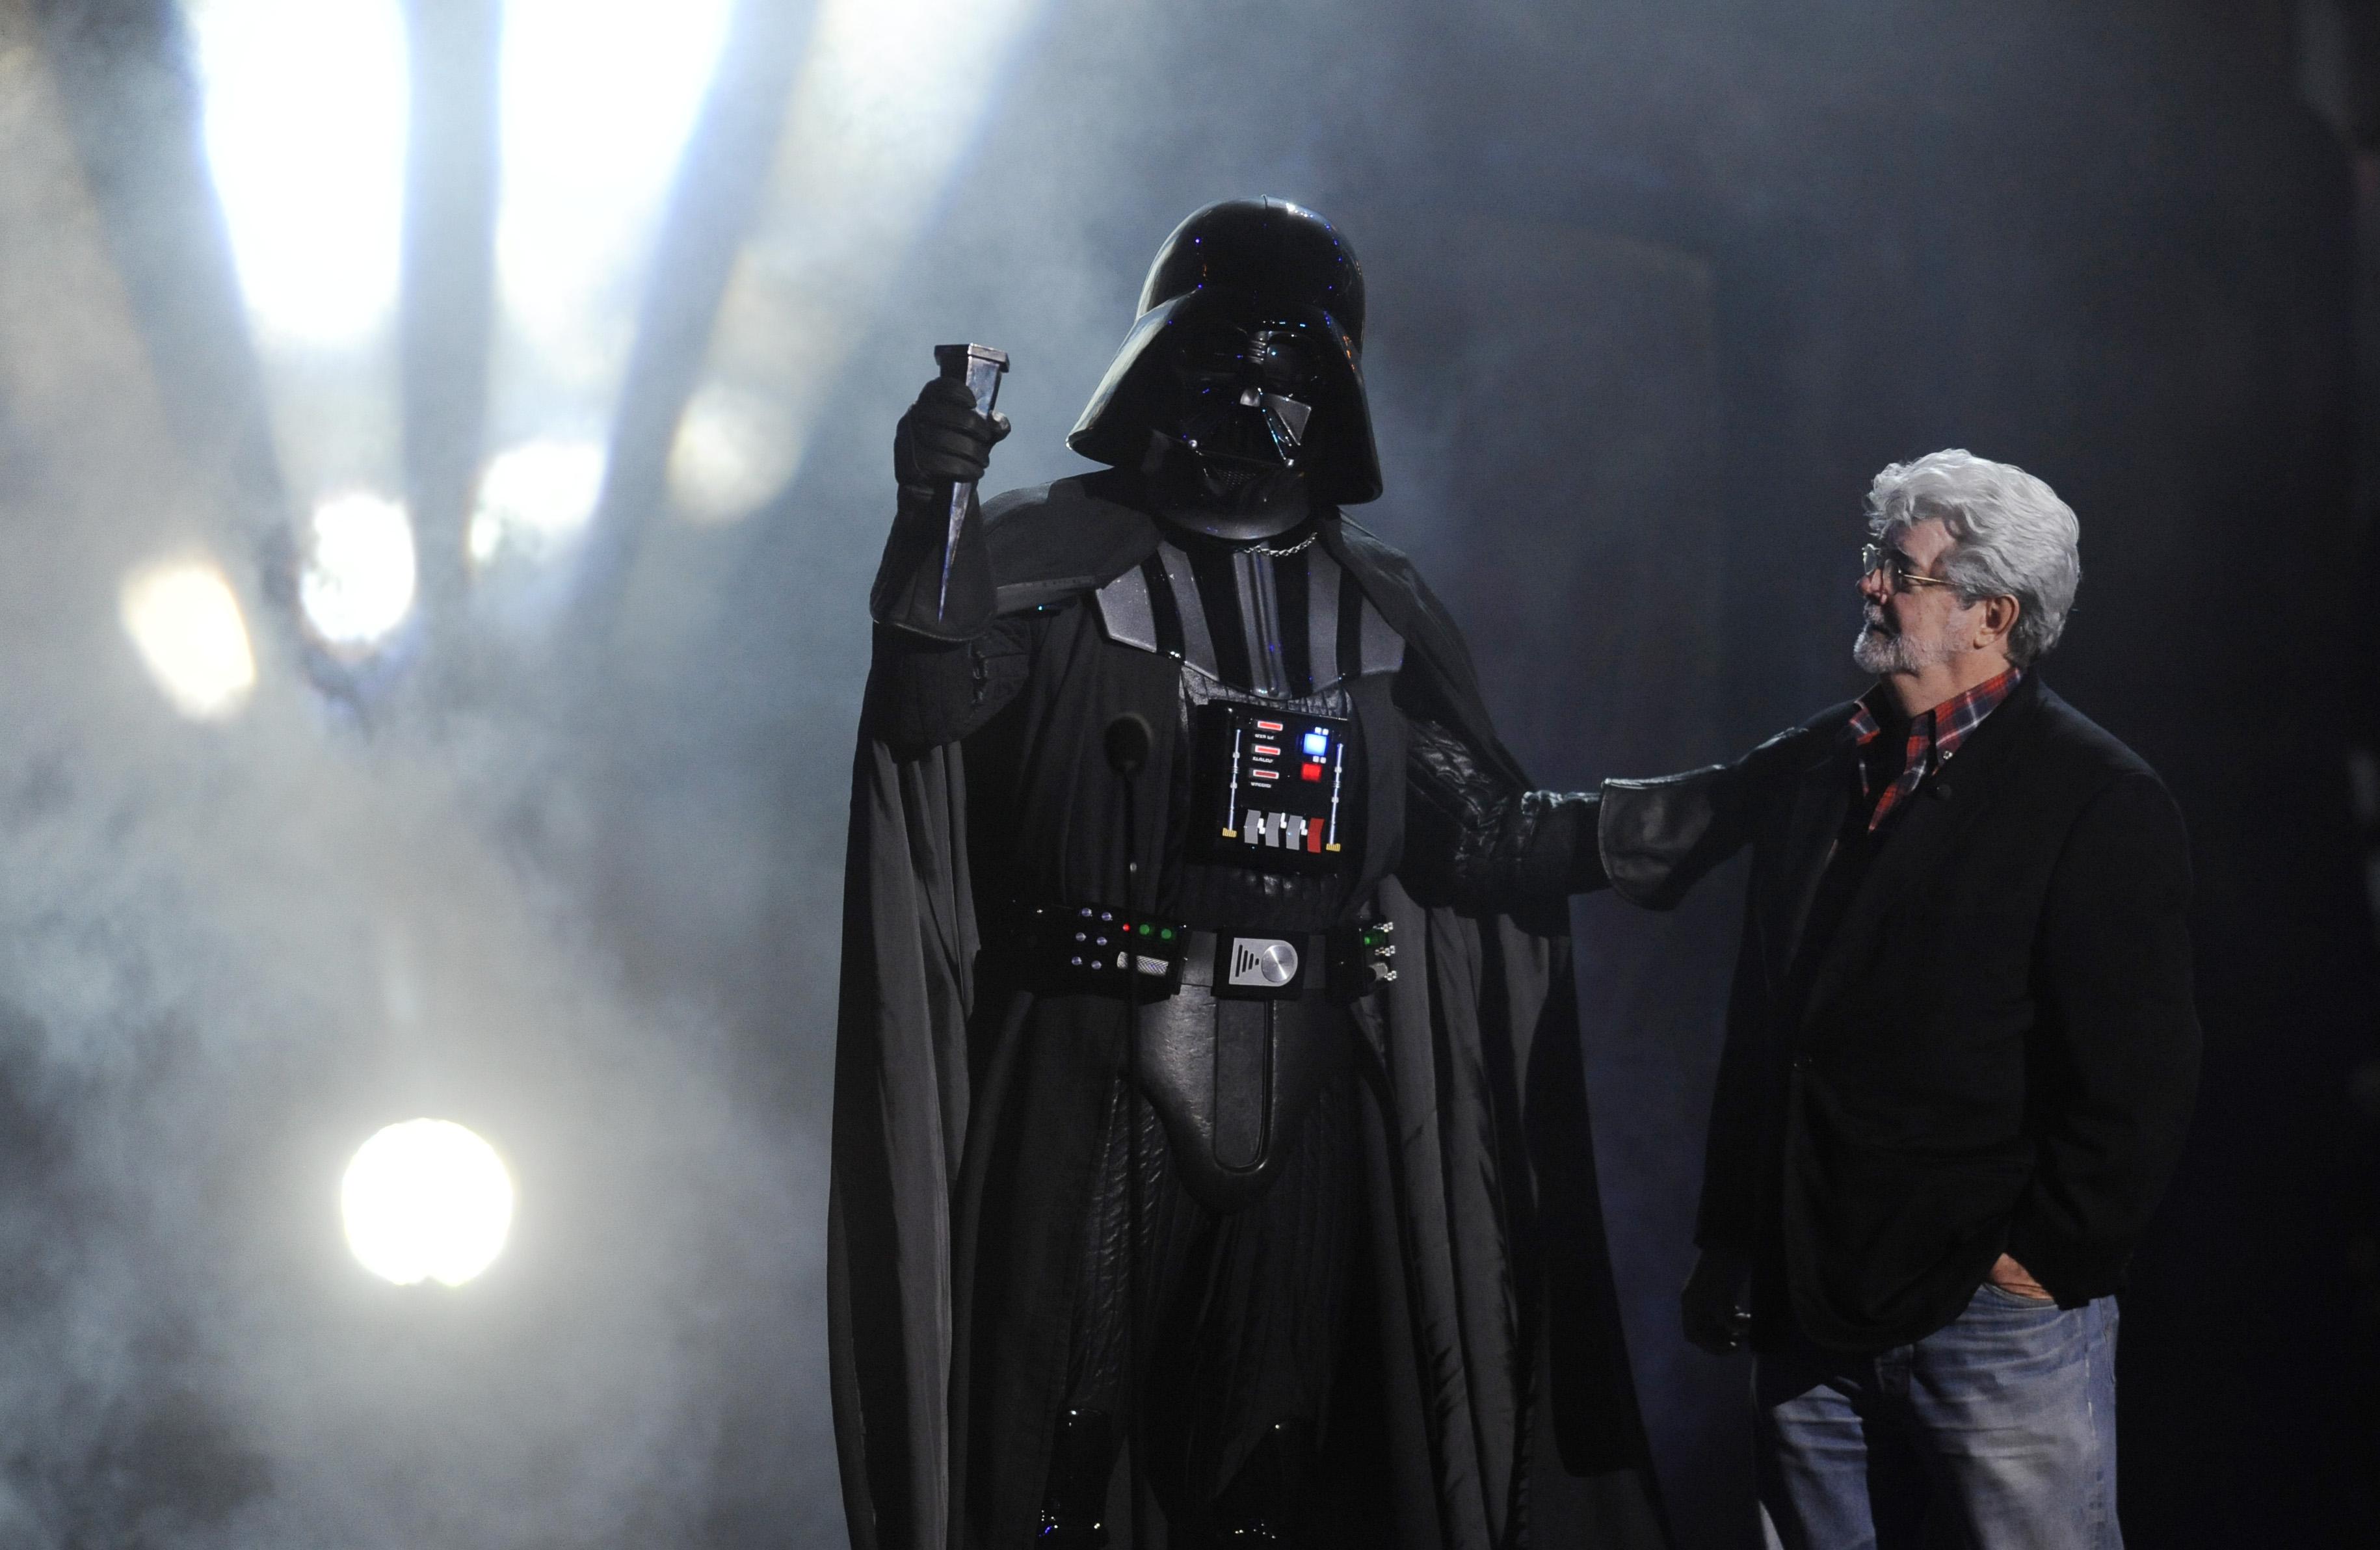 El cineasta George Lucas es otro de los personajes mencionados en los medios de comienzos de los '90 (Livemint)